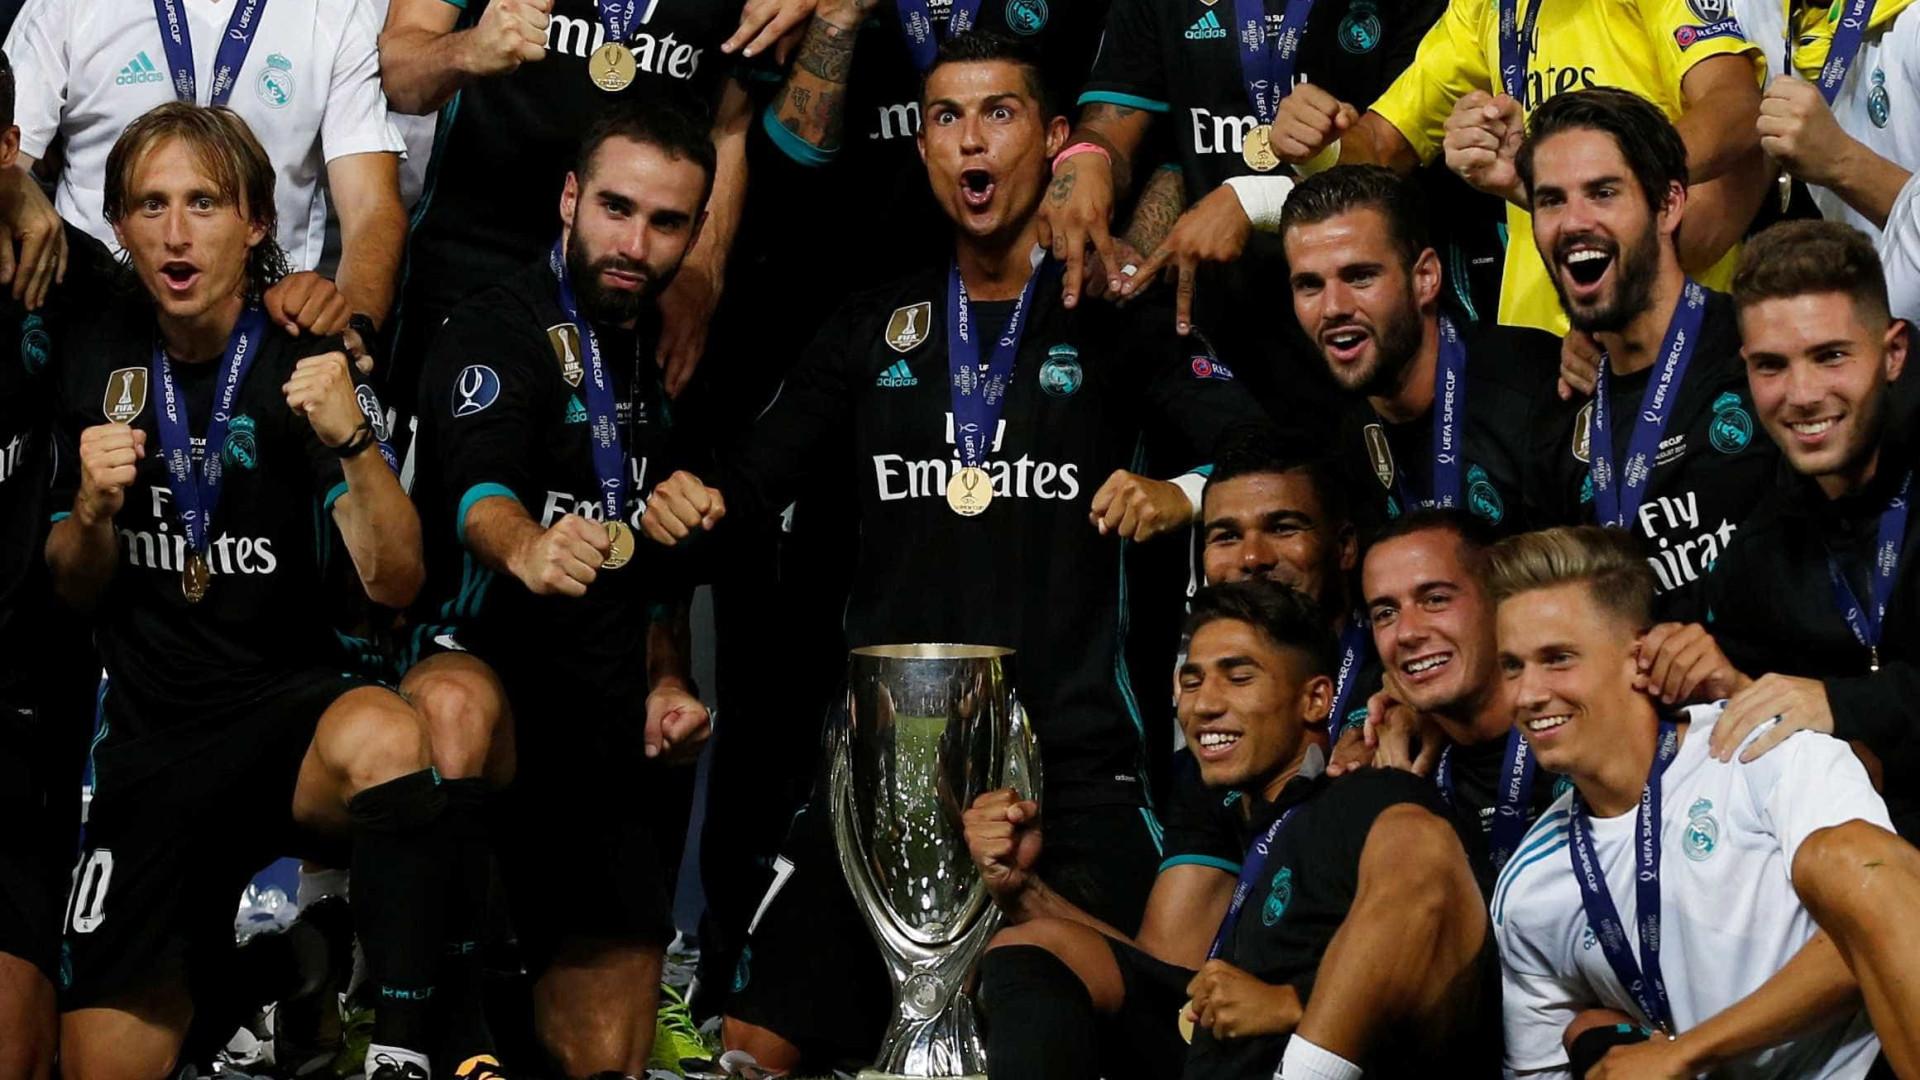 Real Madrid vence Manchester United e conquista Supertaça Europeia